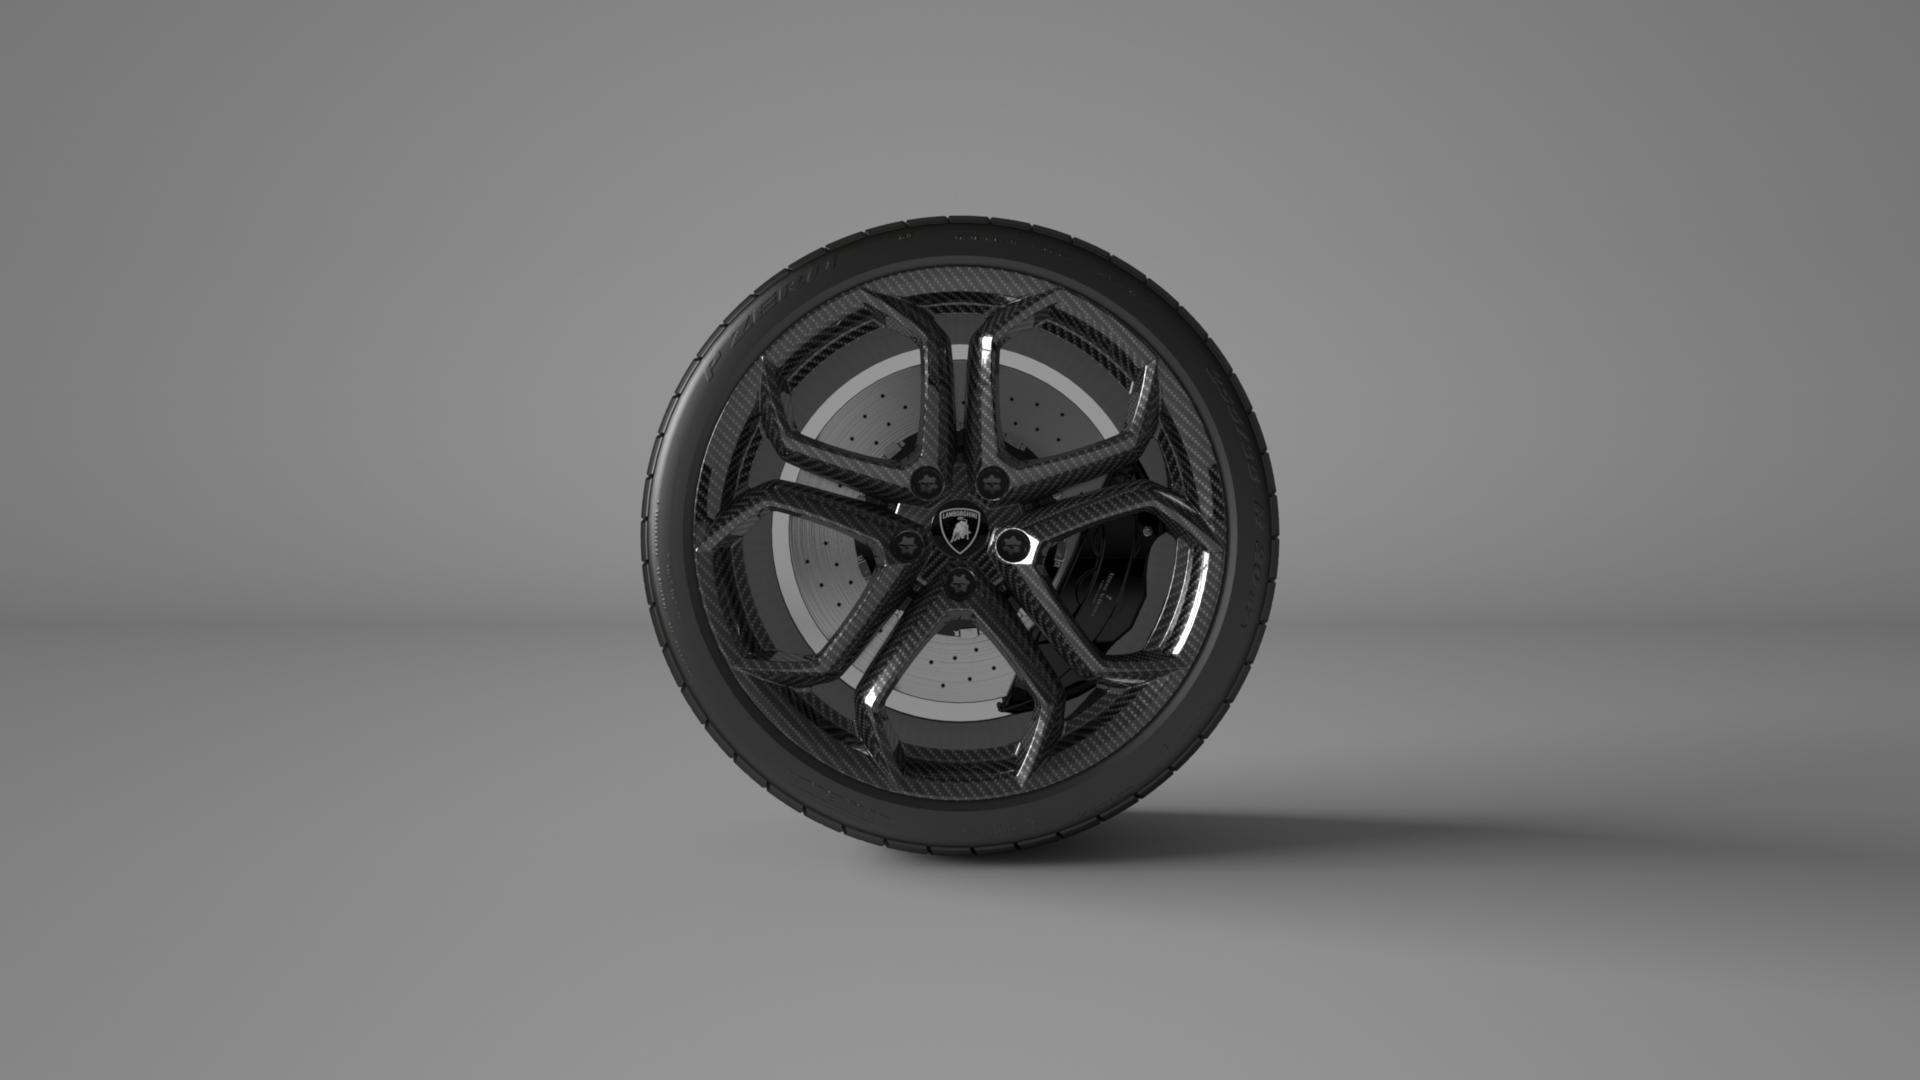 Vitesse-AuDessus Lamborghini Aventador Wheel